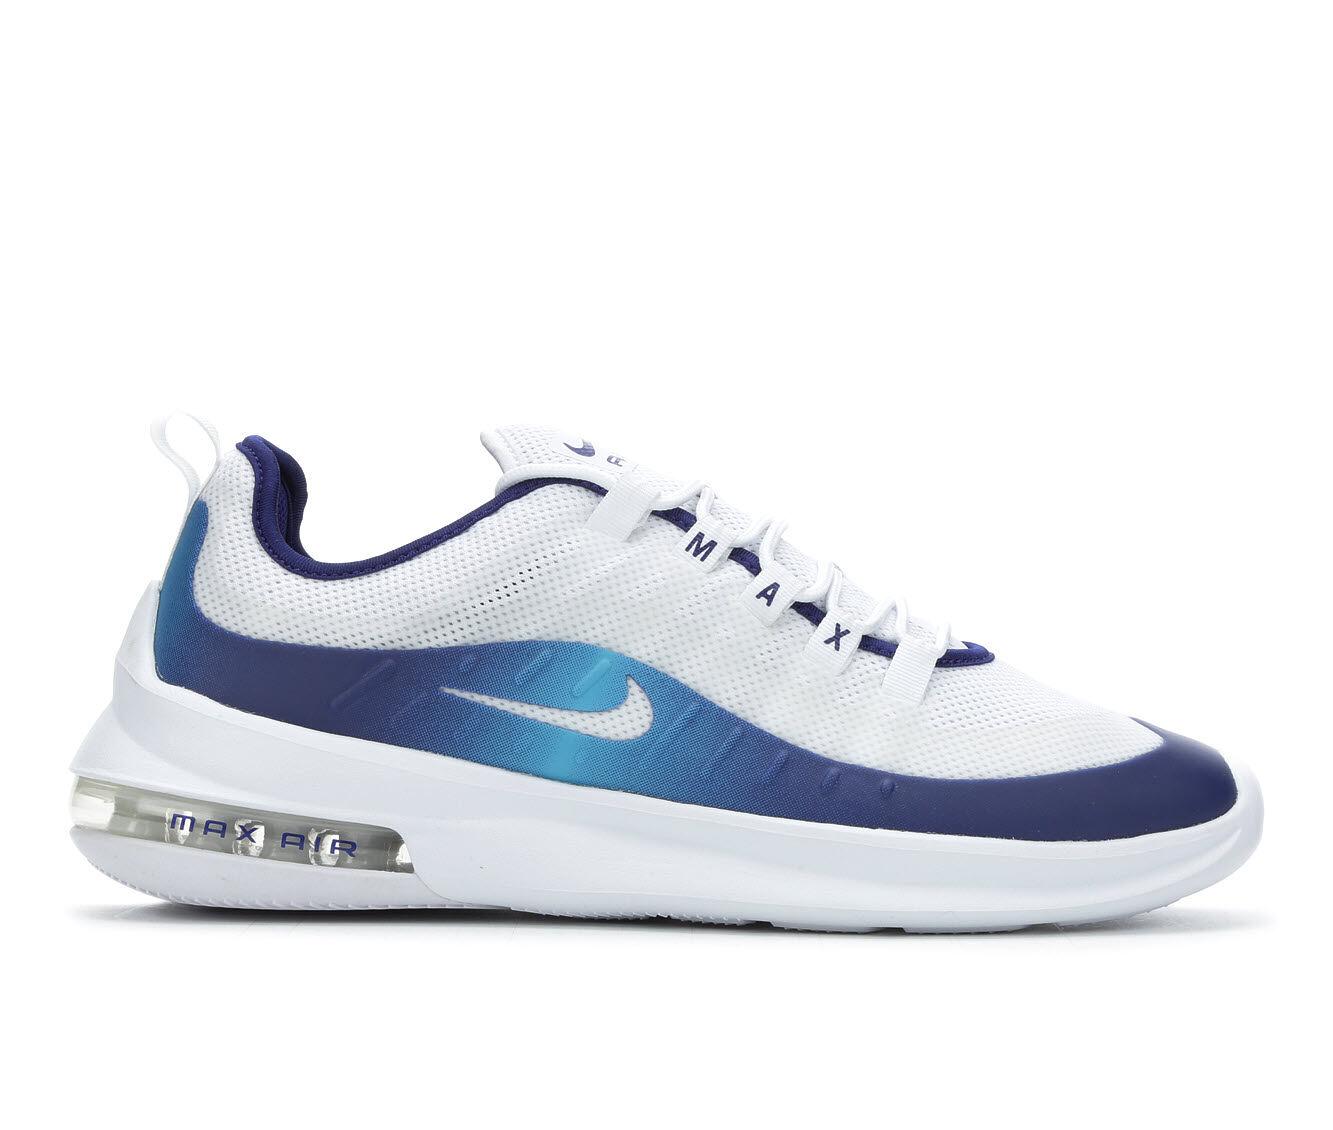 Men's Nike Air Max Axis Premium Sneakers Wht/Nvy/Blu 101